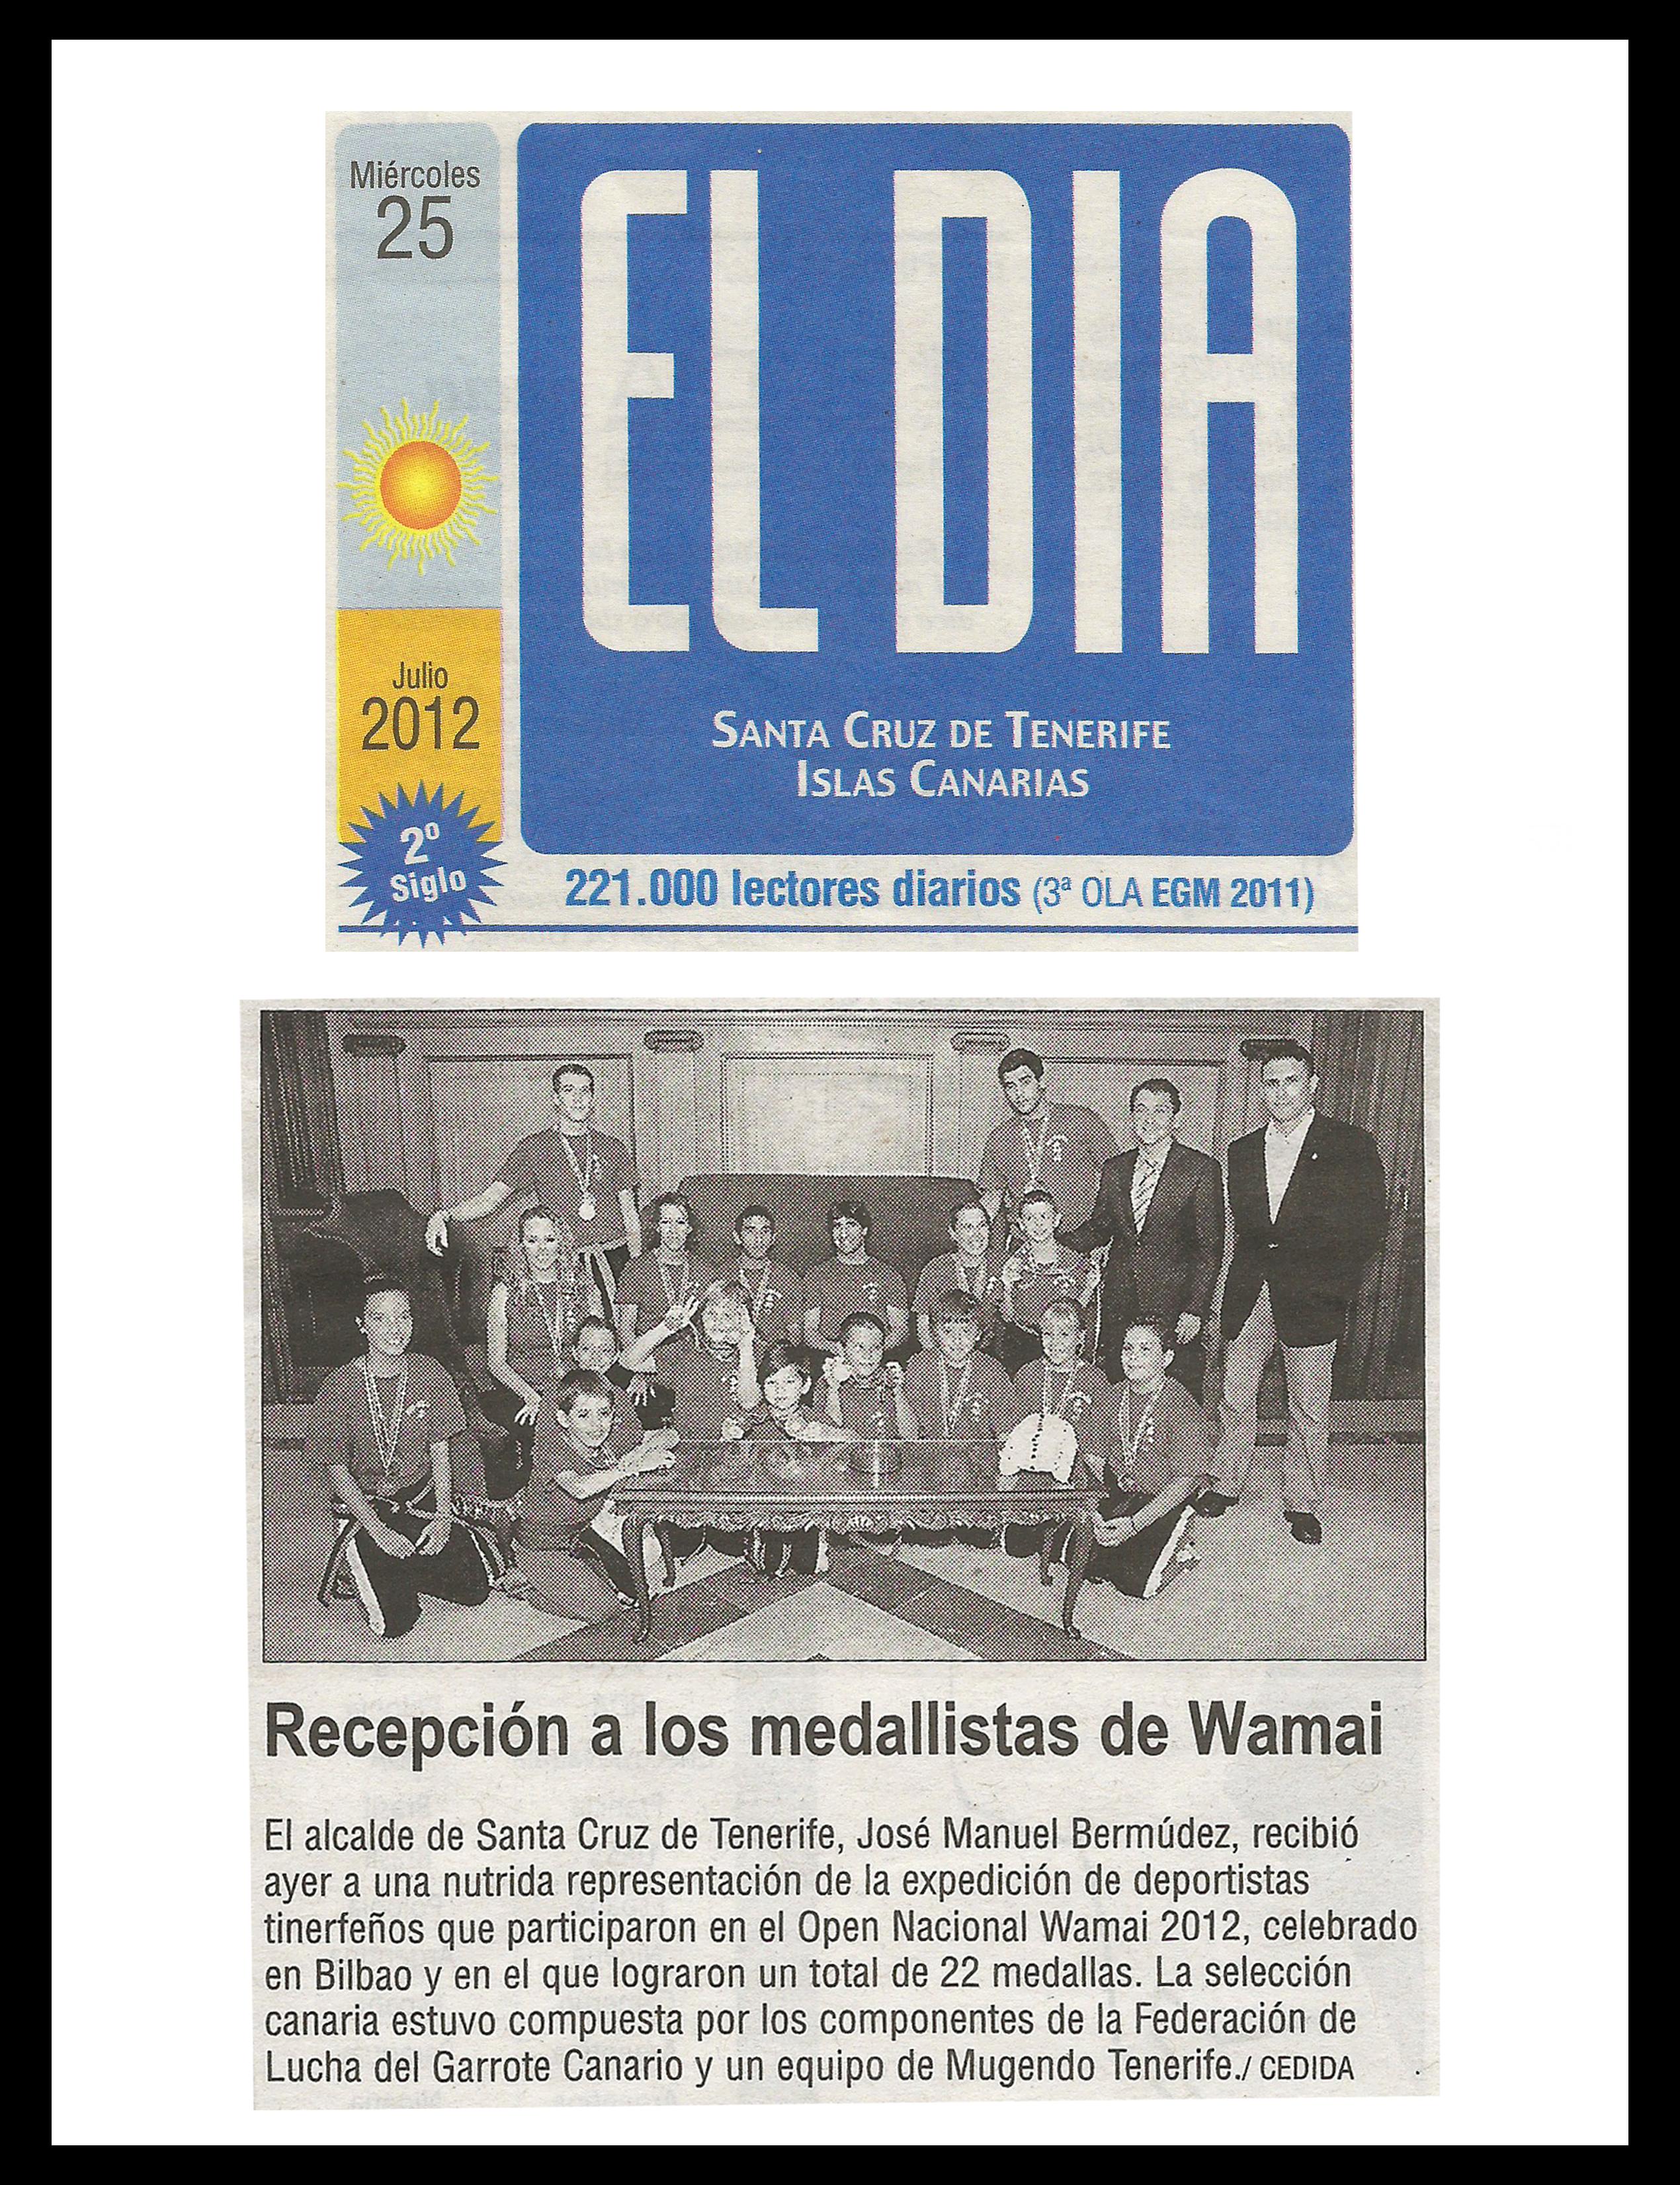 Recepción De Los Medaillistas De Wamai